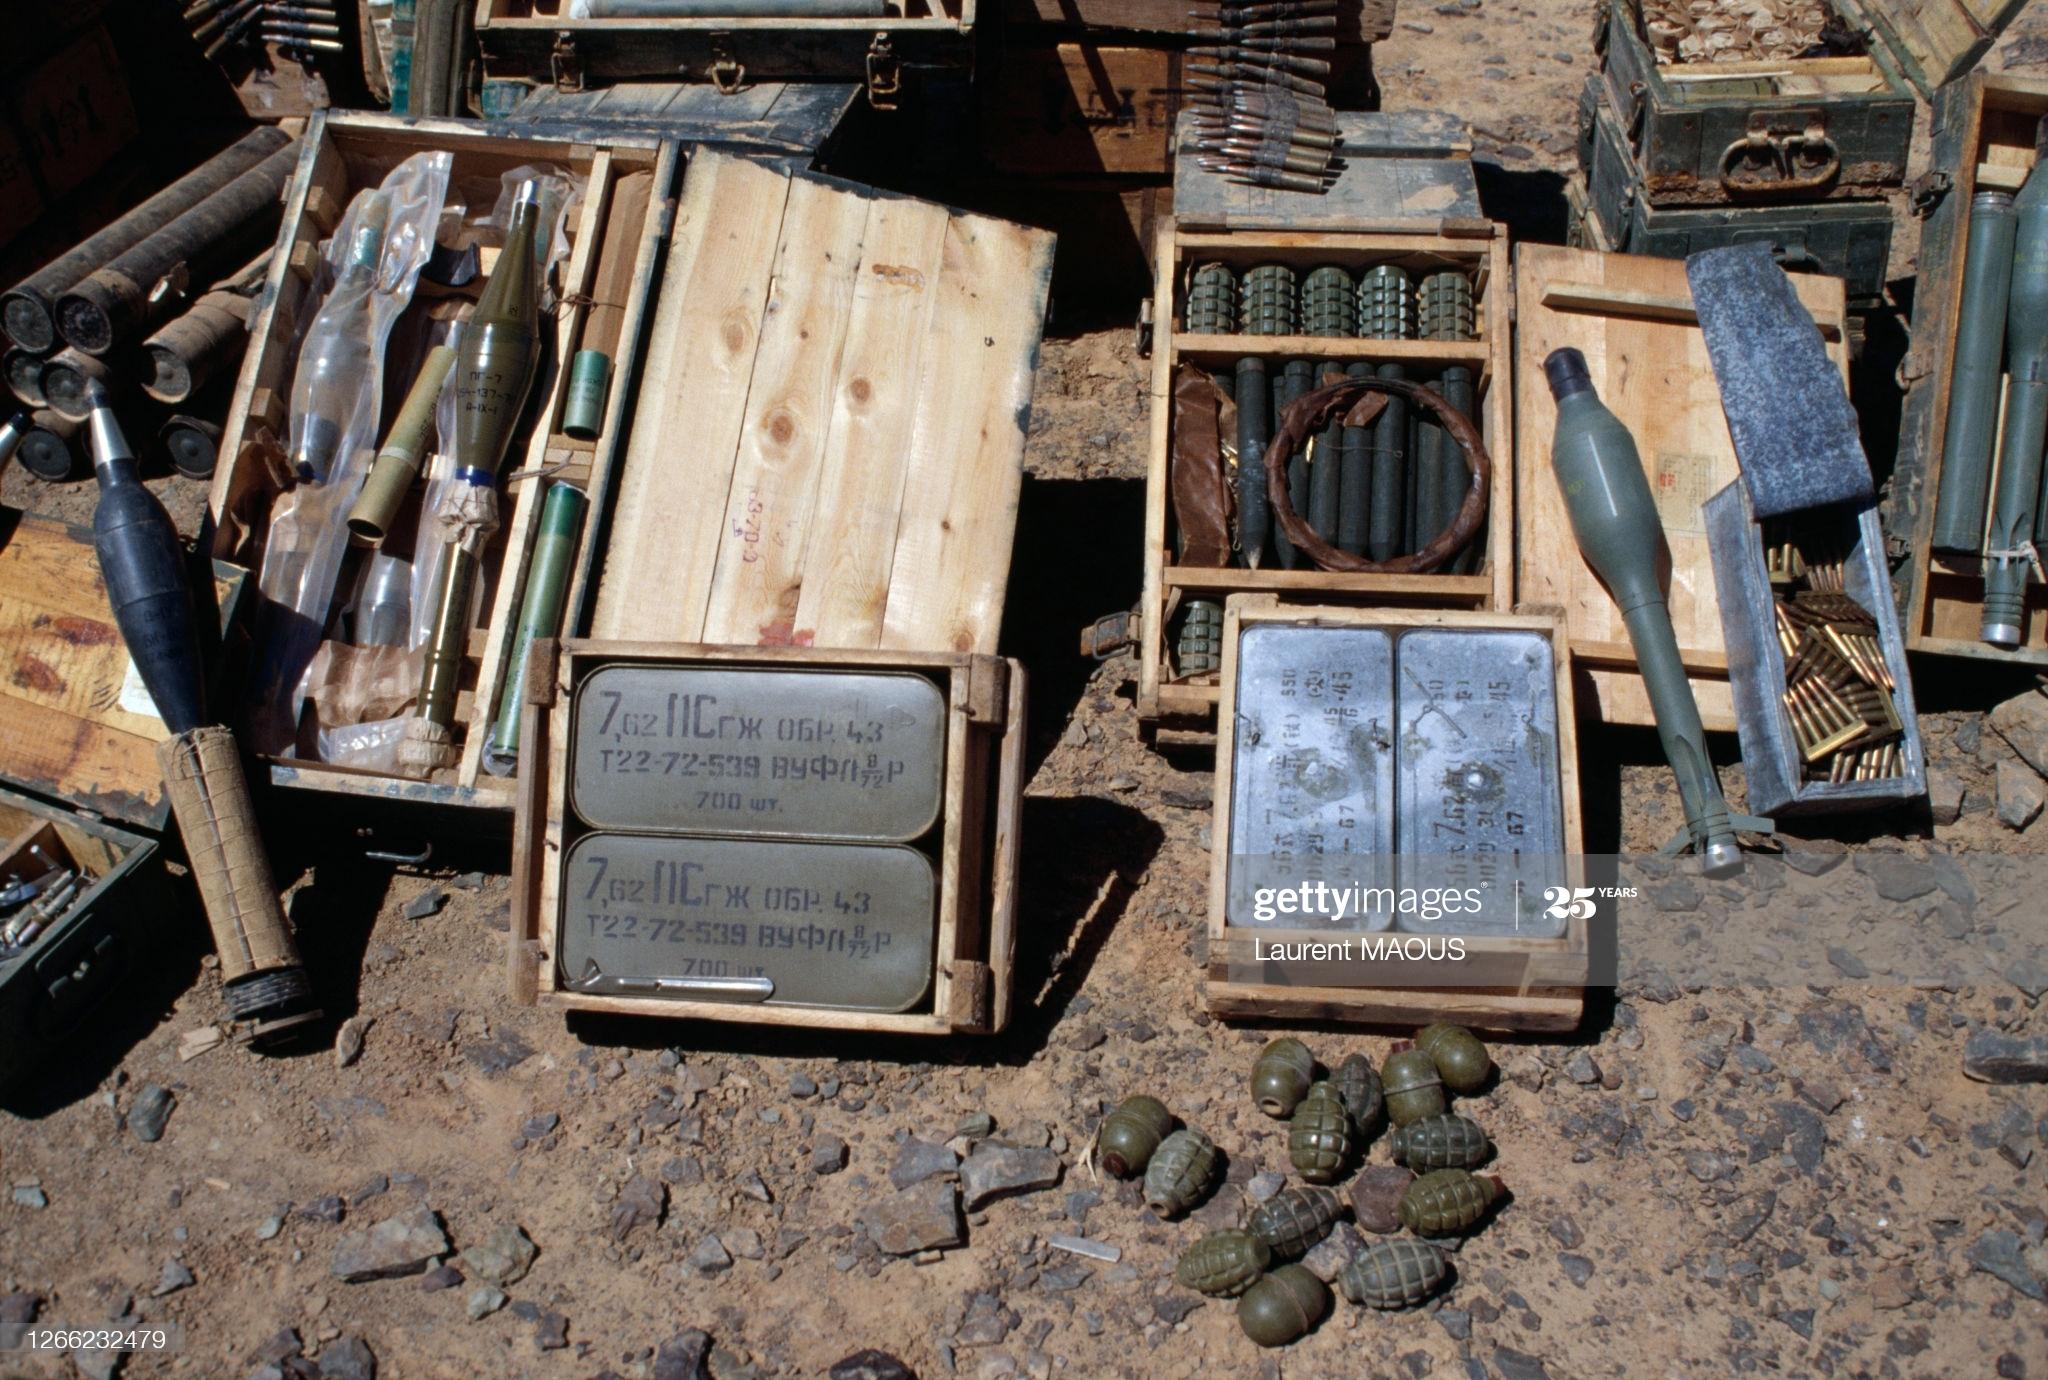 Le conflit armé du sahara marocain - Page 13 50317382767_aaa05266ac_o_d